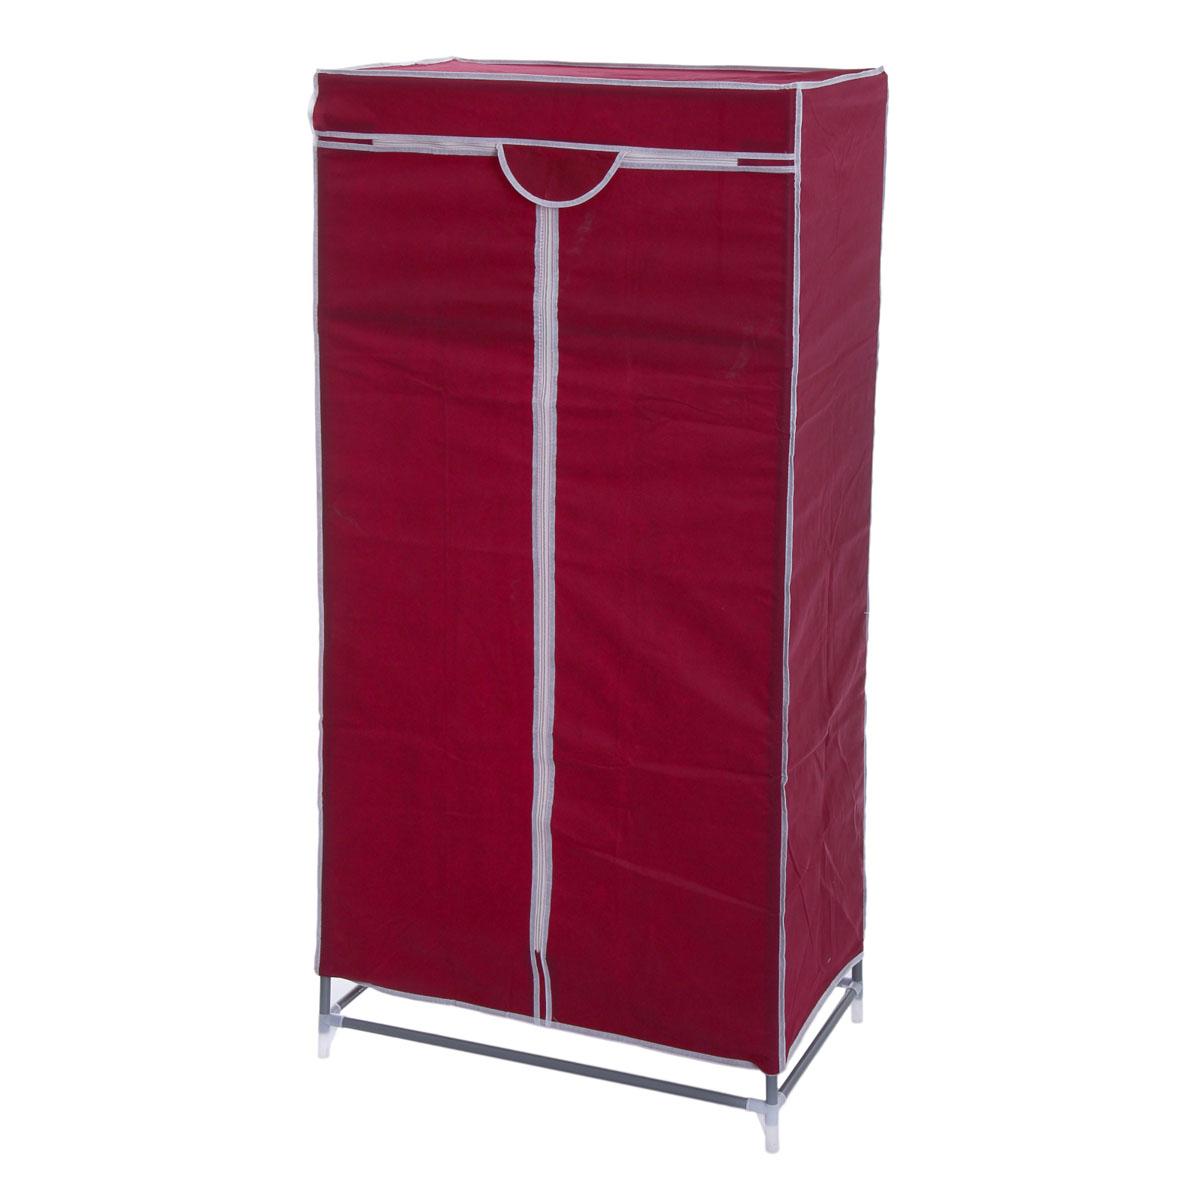 Мобильный шкаф для одежды Sima-land, цвет: бордовый, 90 х 45 х 155 см 888800888800Мобильный шкаф для одежды Sima-land, предназначенный для хранения одежды и других вещей, это отличное решение проблемы, когда наблюдается явный дефицит места или есть временная необходимость. Складной тканевый шкаф - это мобильная конструкция, состоящая из сборного металлического каркаса, на который натянут чехол из нетканого полотна. Корпус шкафа сделан из легкой, но прочной стали, а обивка из полиэстера, который можно легко стирать в стиральной машинке. Шкаф оснащен двумя текстильными дверями, которые закрываются на застежку-молнию. Шкаф снабжен полкой и планкой для хранения вещей на вешалках.